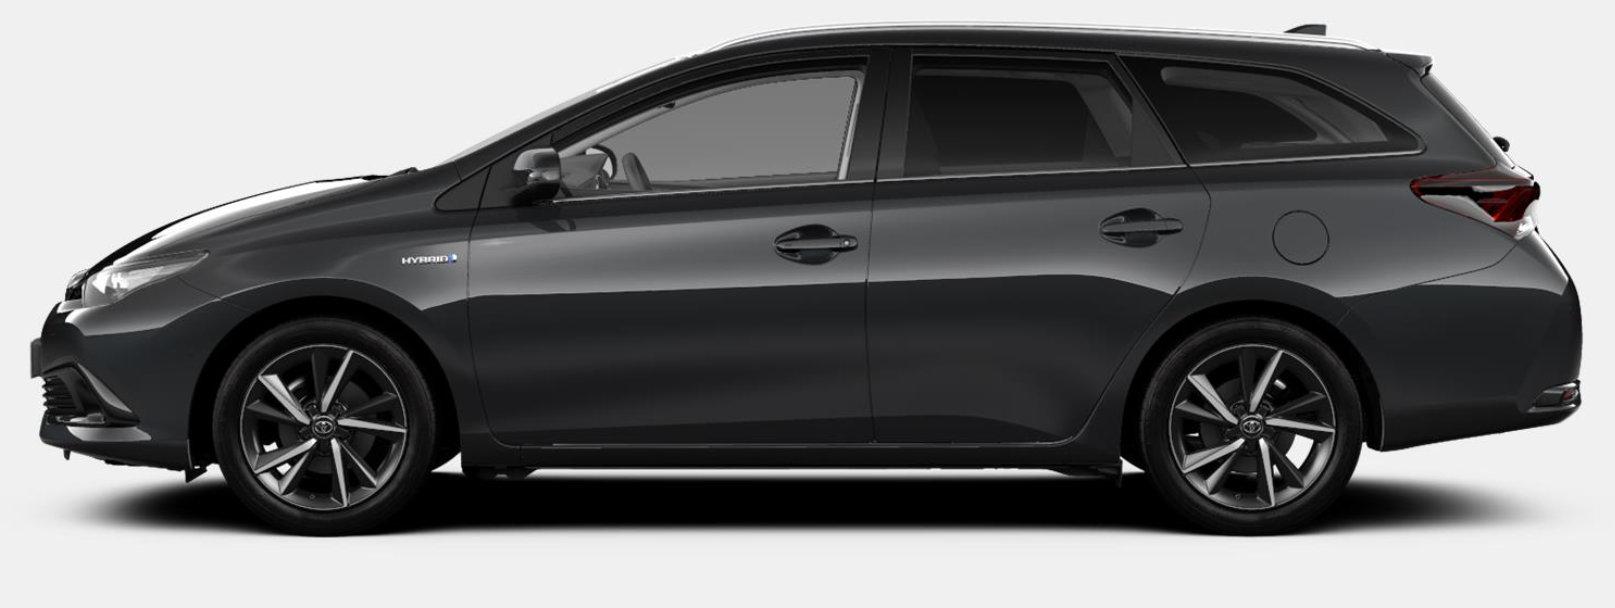 Toyota-Auris-Touring-Sports-Leasen-2